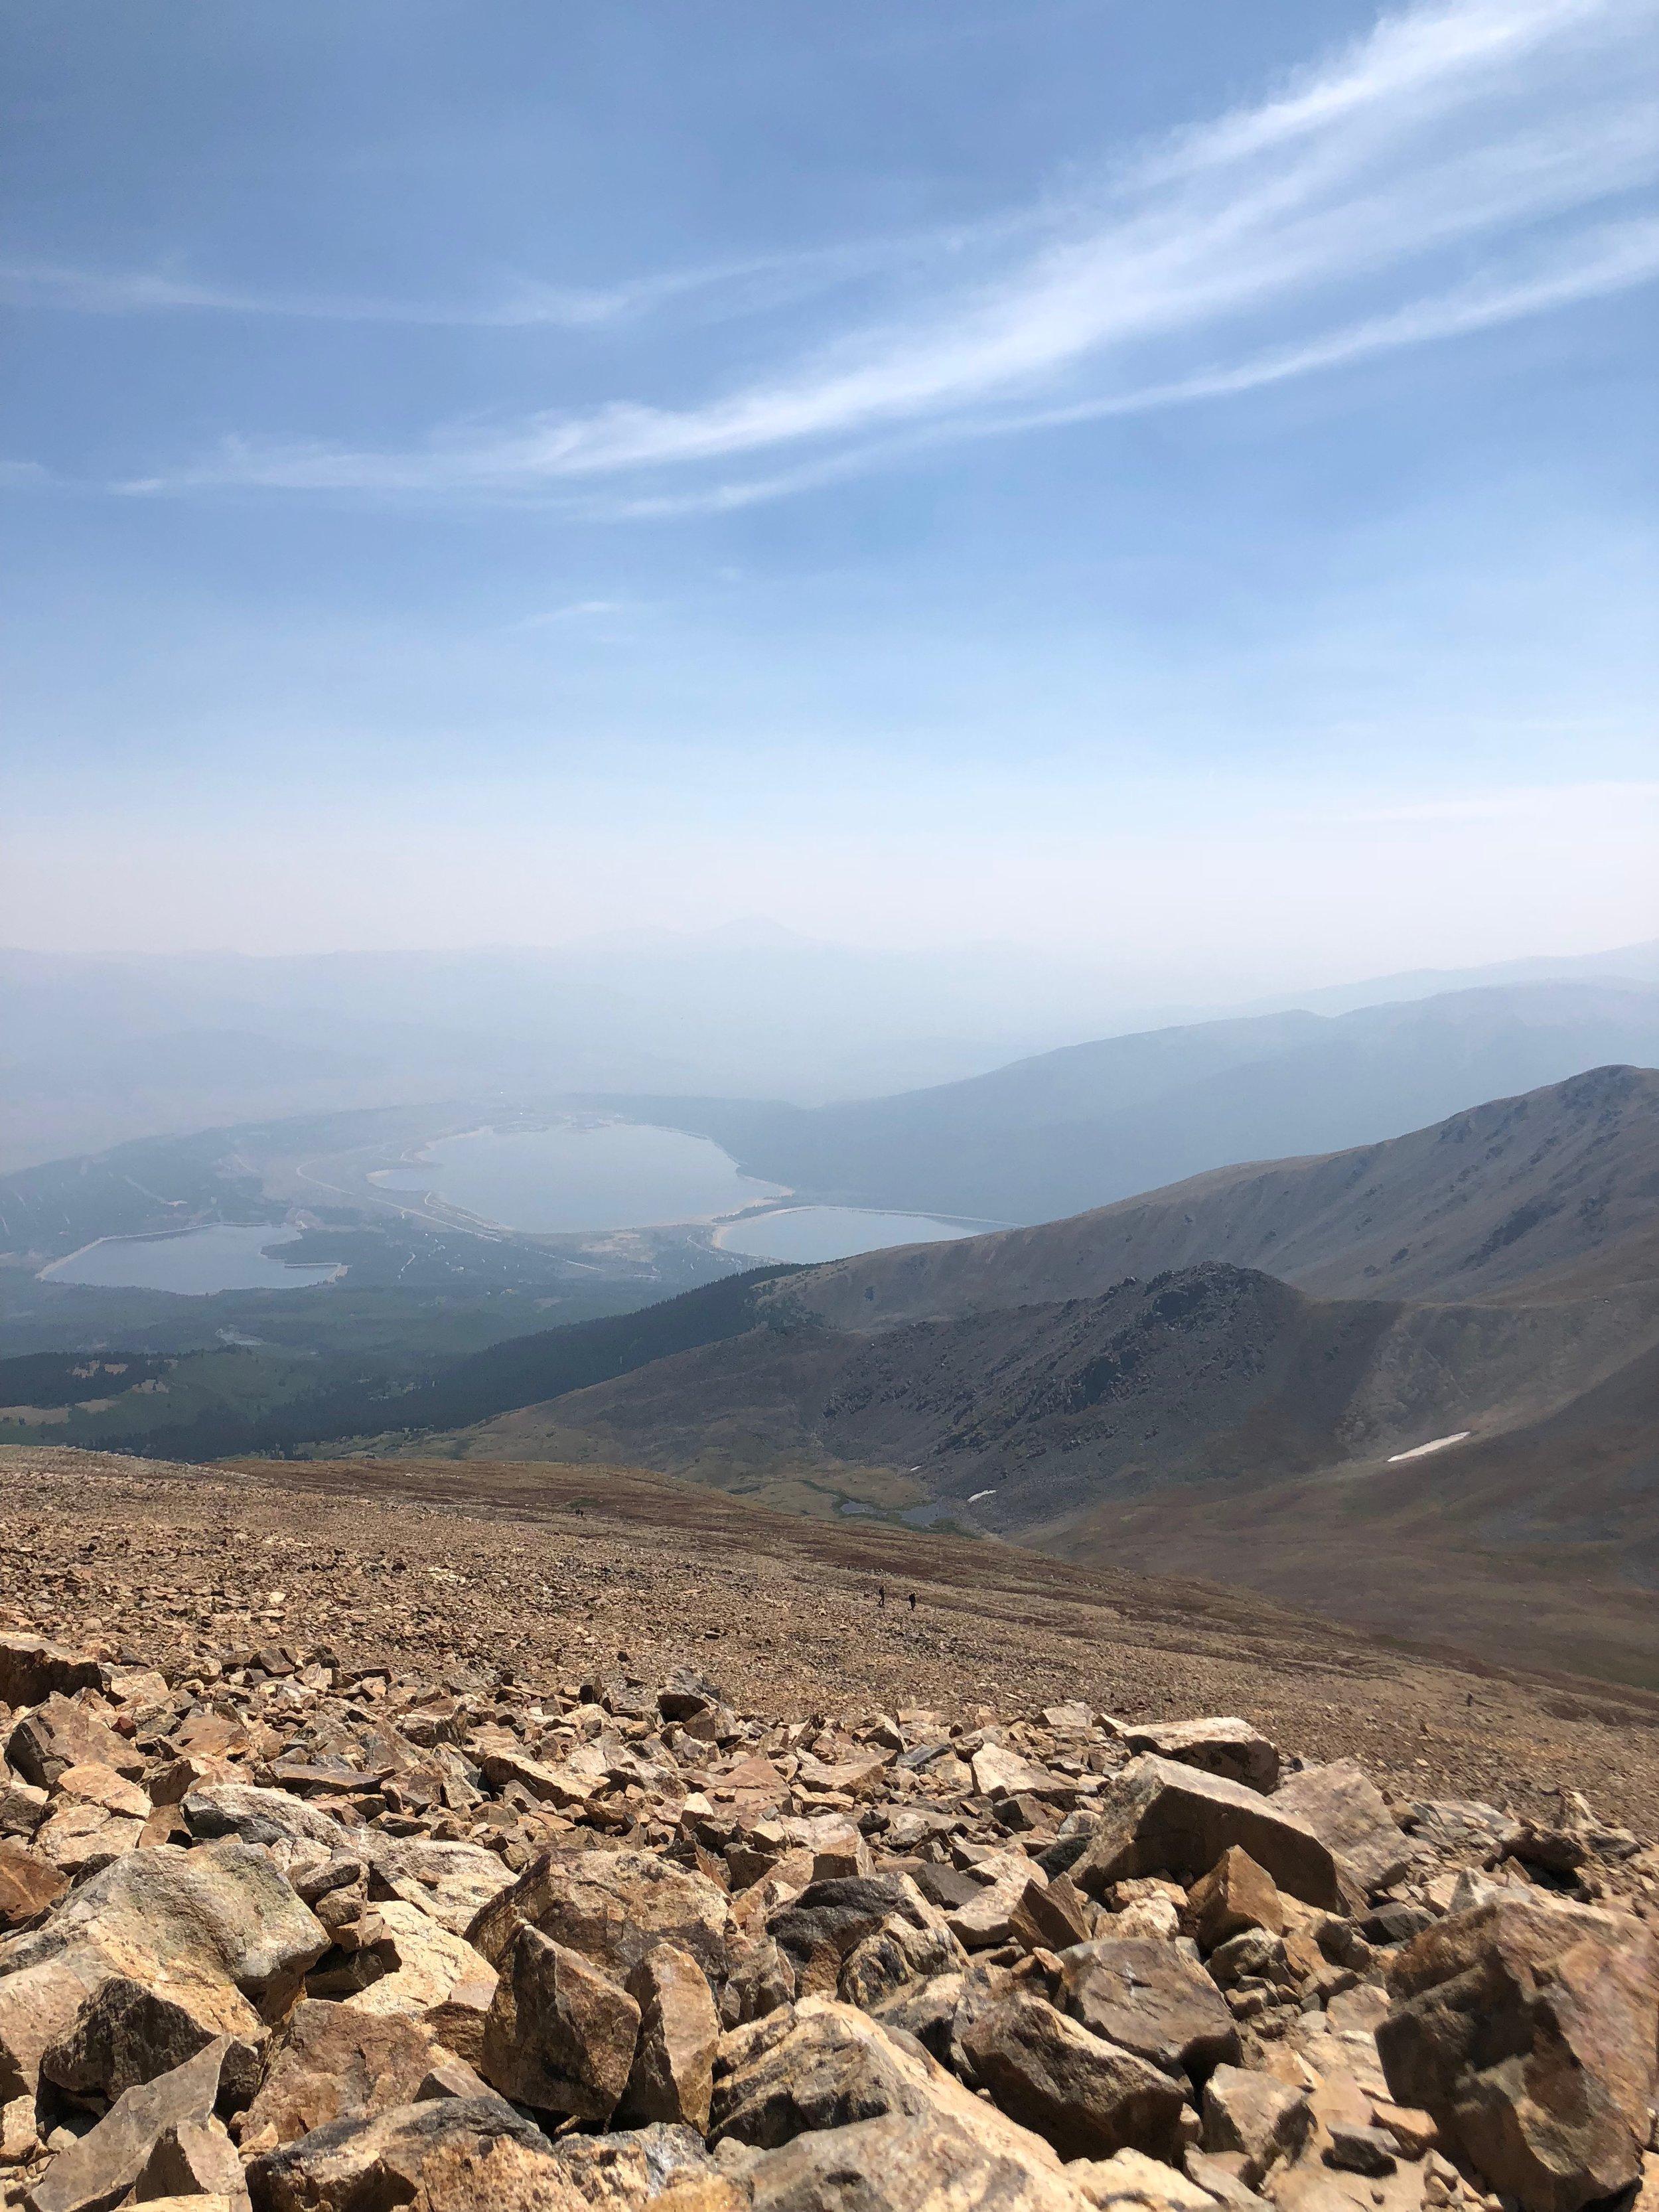 On the way up Mt. Elbert